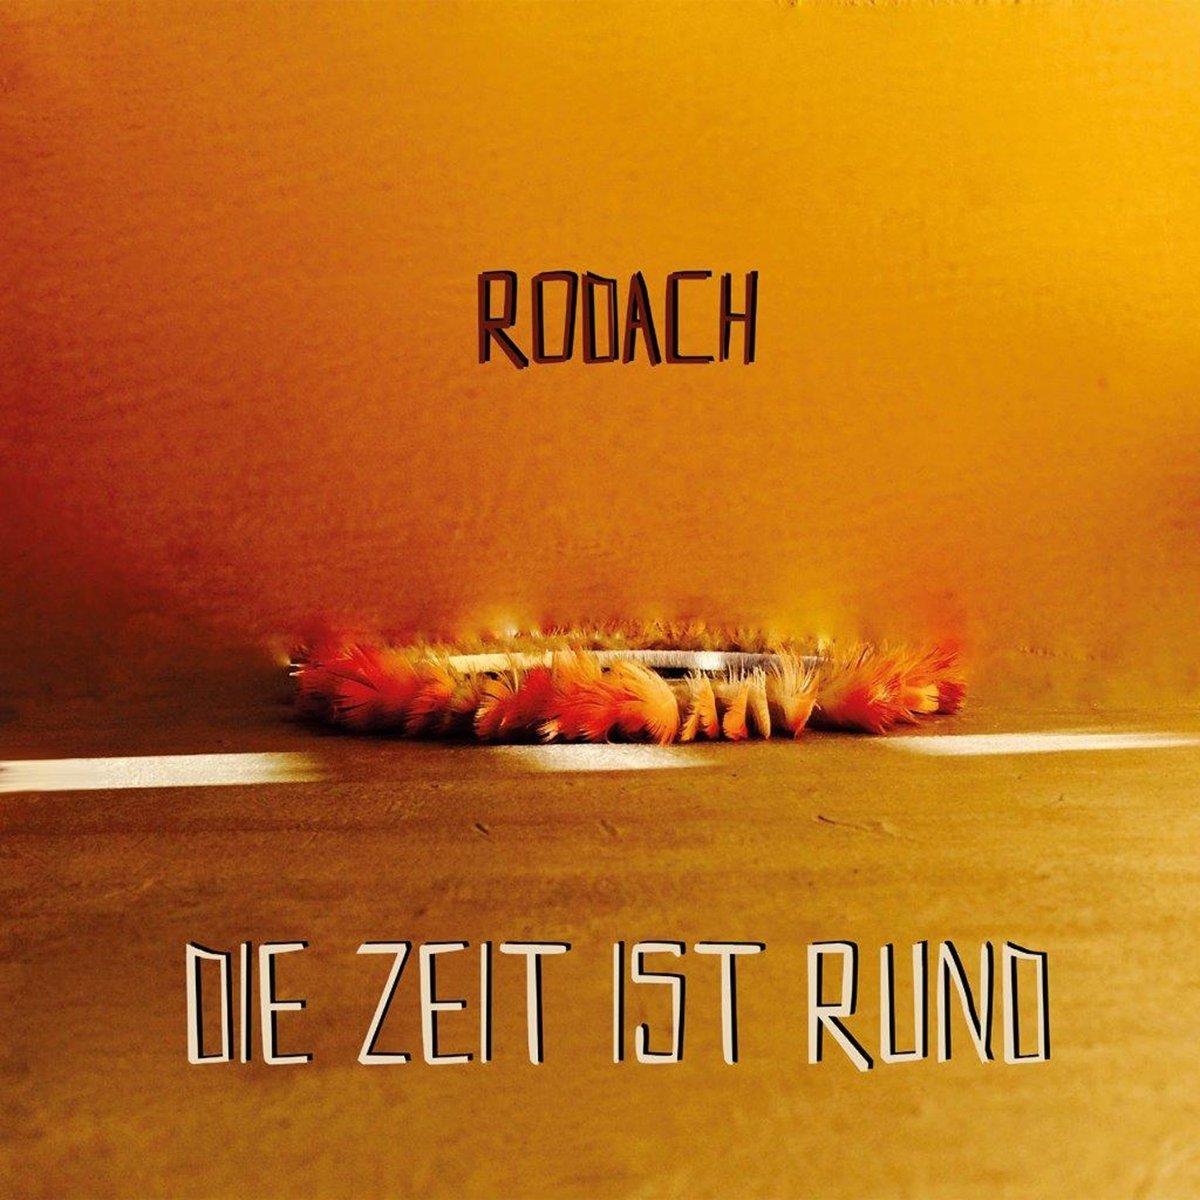 Michael Rodach - Die Zeit ist rund